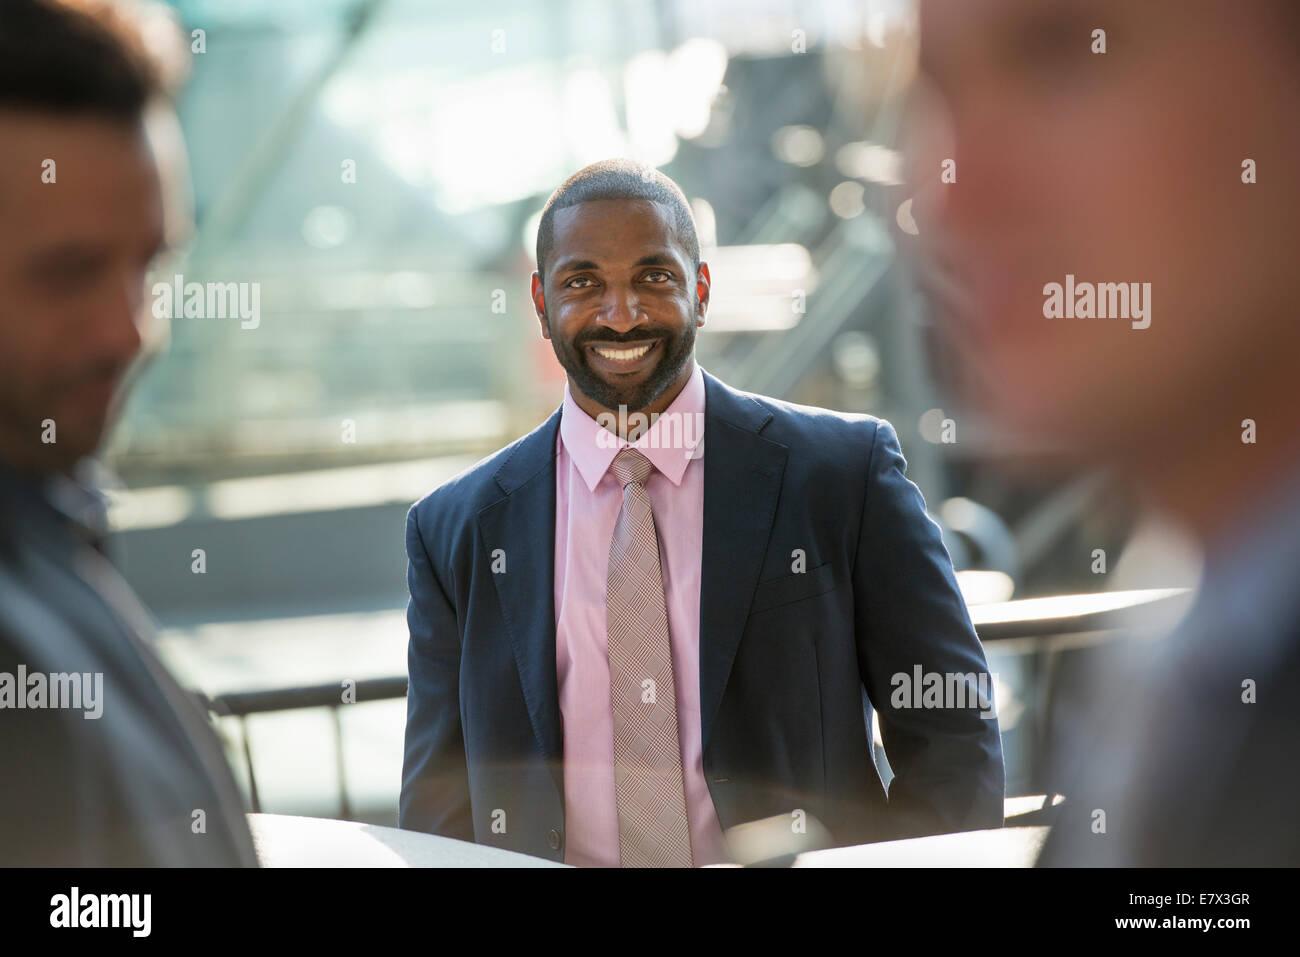 Un business uomo seduto sorridente con fiducia in un gruppo con altri due. Immagini Stock